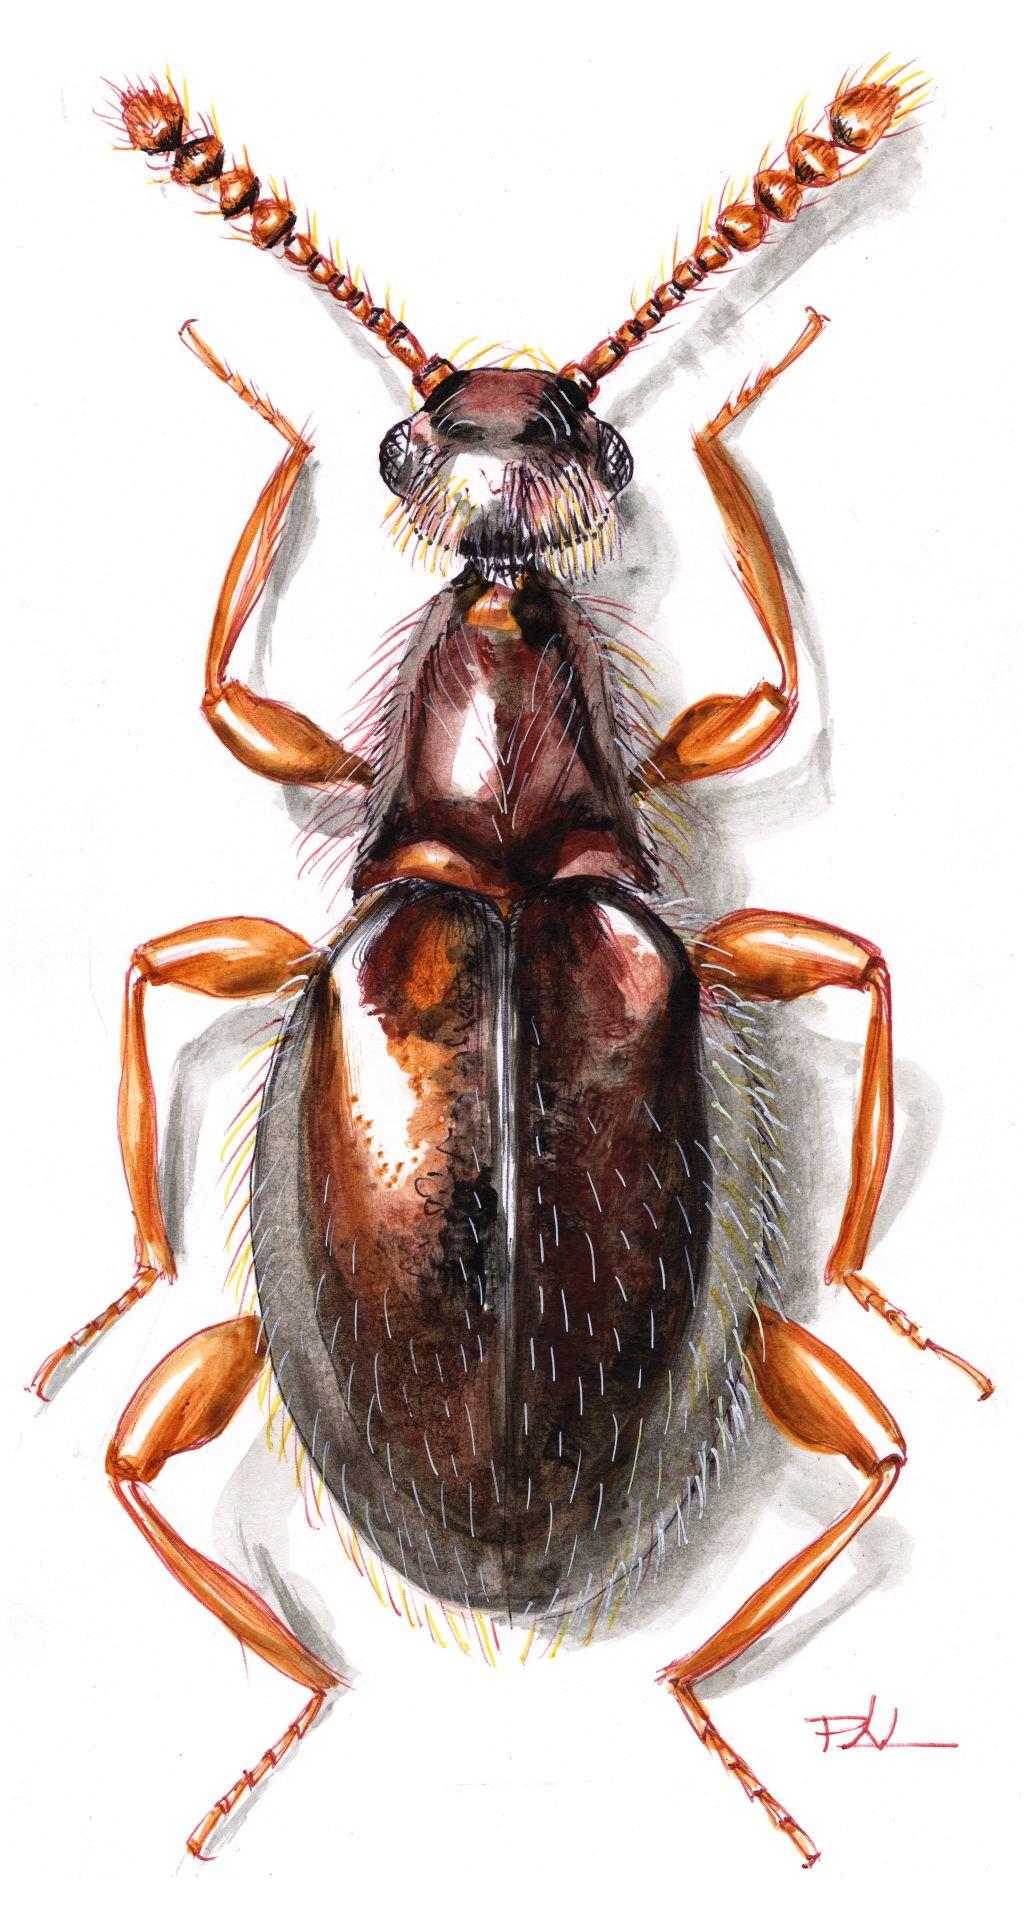 Gesztenyebarna gödörkésbogár (Euconnus claviger)